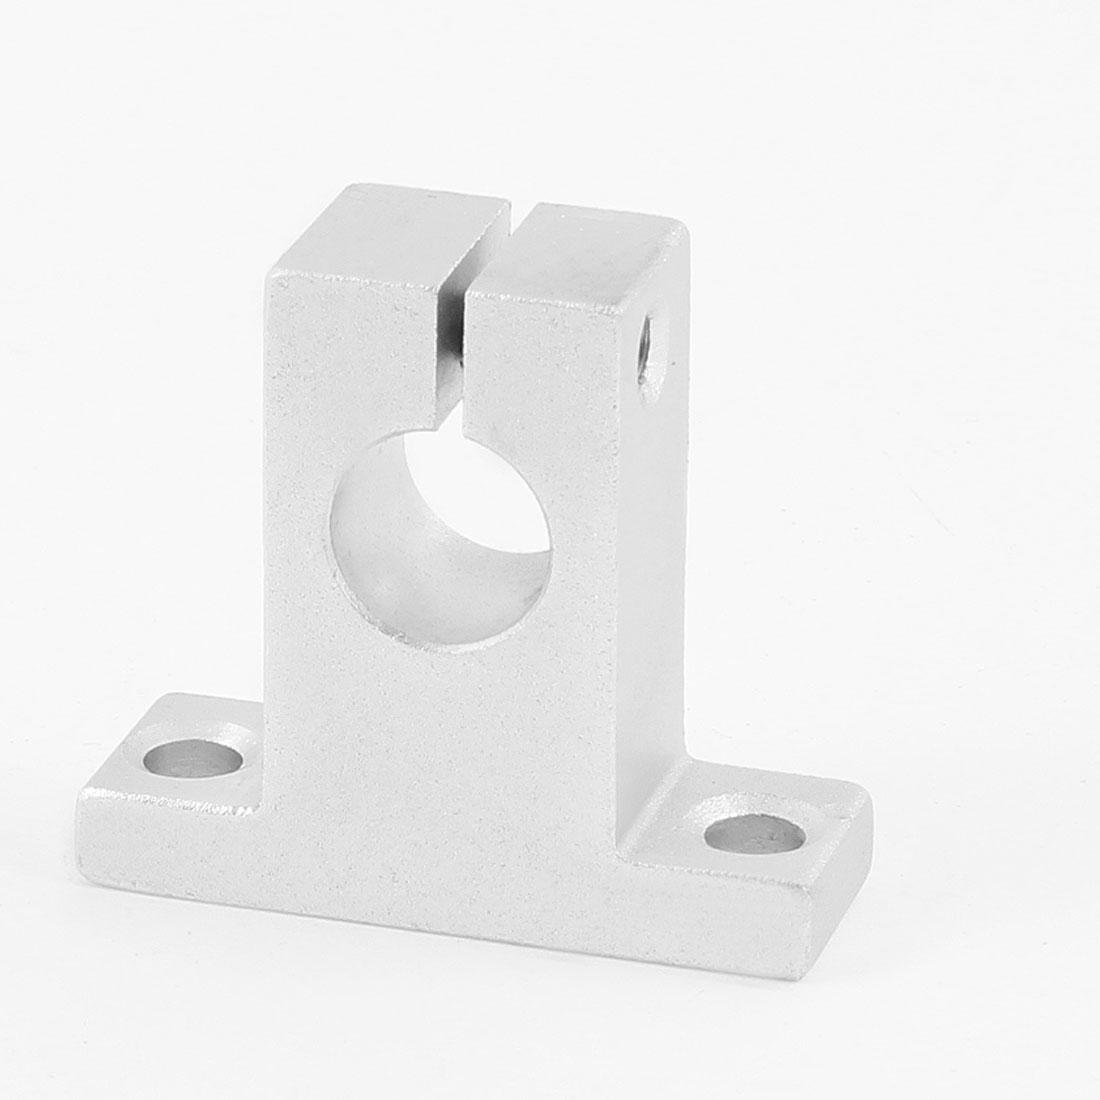 20mm Diameter Aluminum CNC Pillow Block Shaft Linear Guide Support